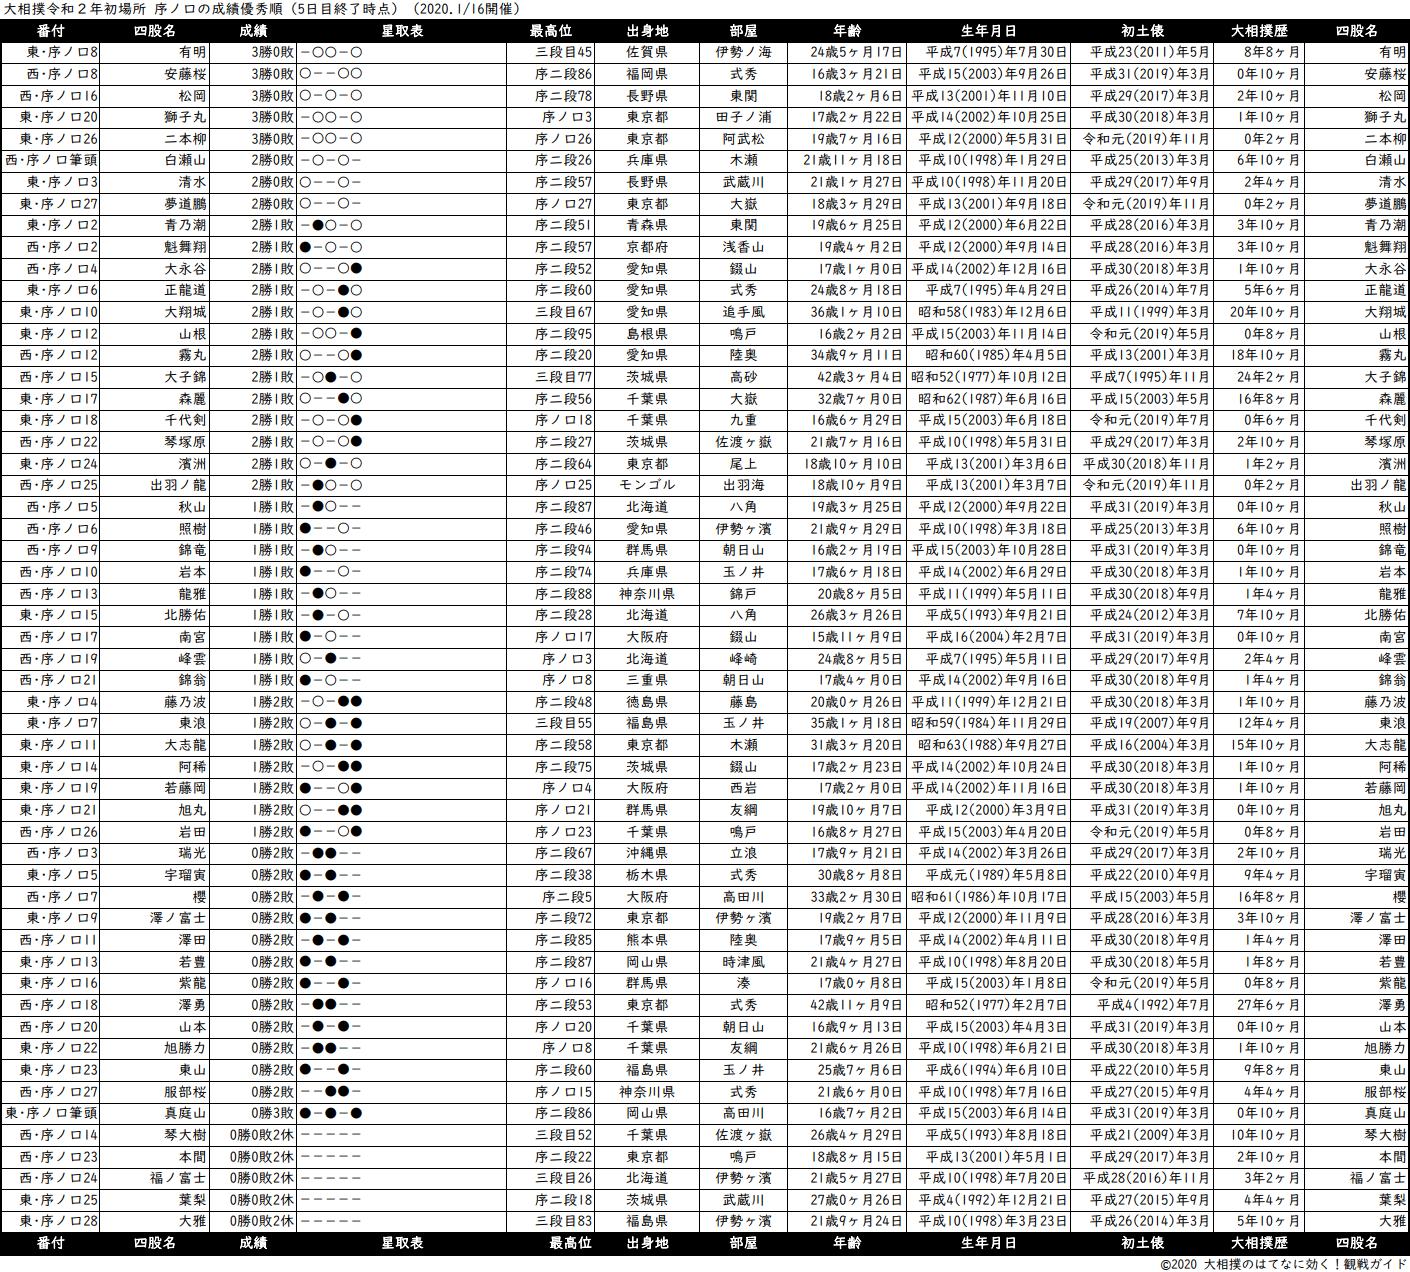 序ノ口成績順一覧表・2020年1月場所5日目